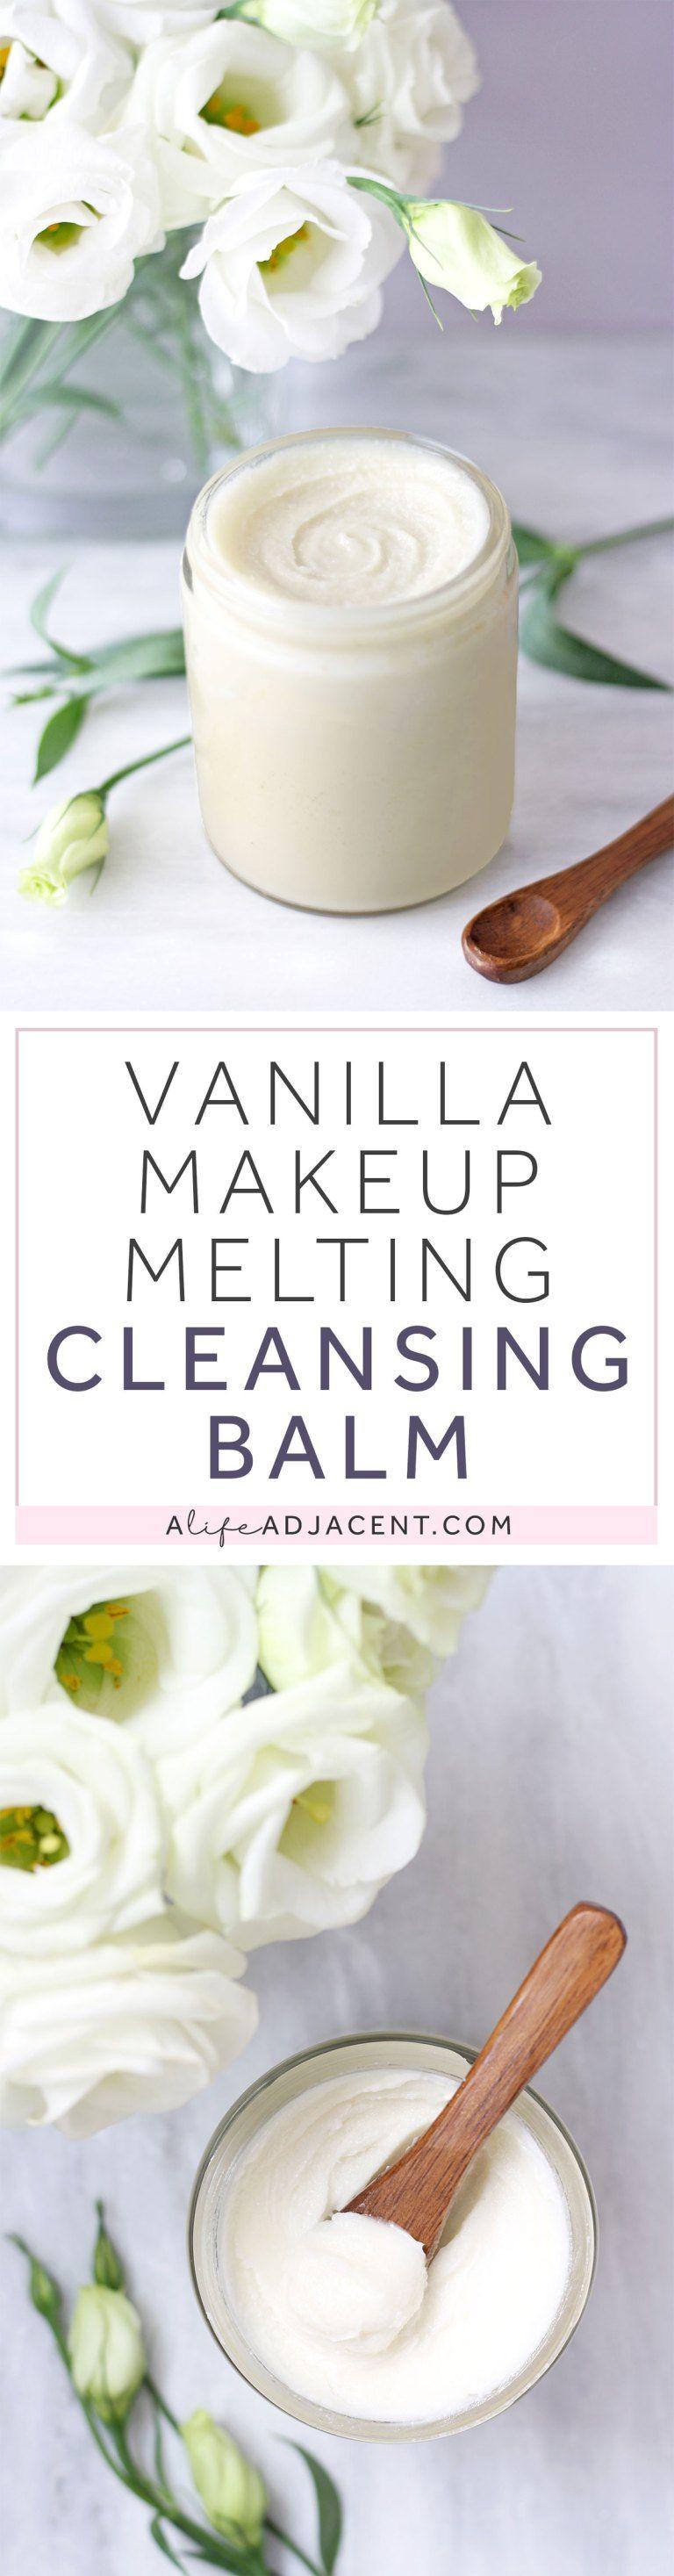 DIY Cleansing Balm to Melt Your Makeup Diy makeup